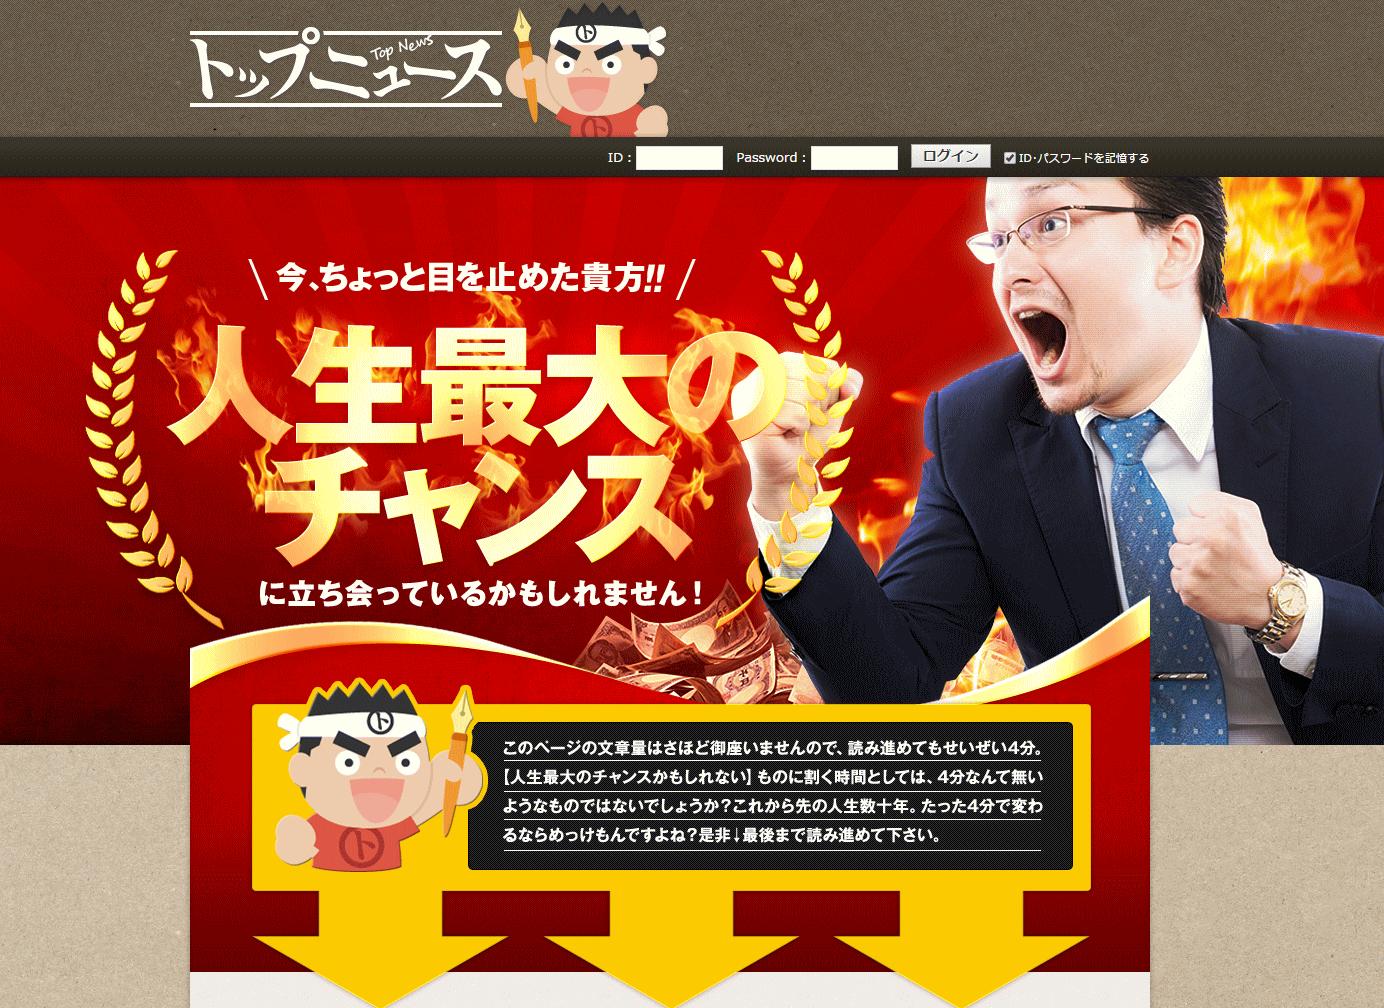 トップニュース(TOP NEWS)のTOPイメージ